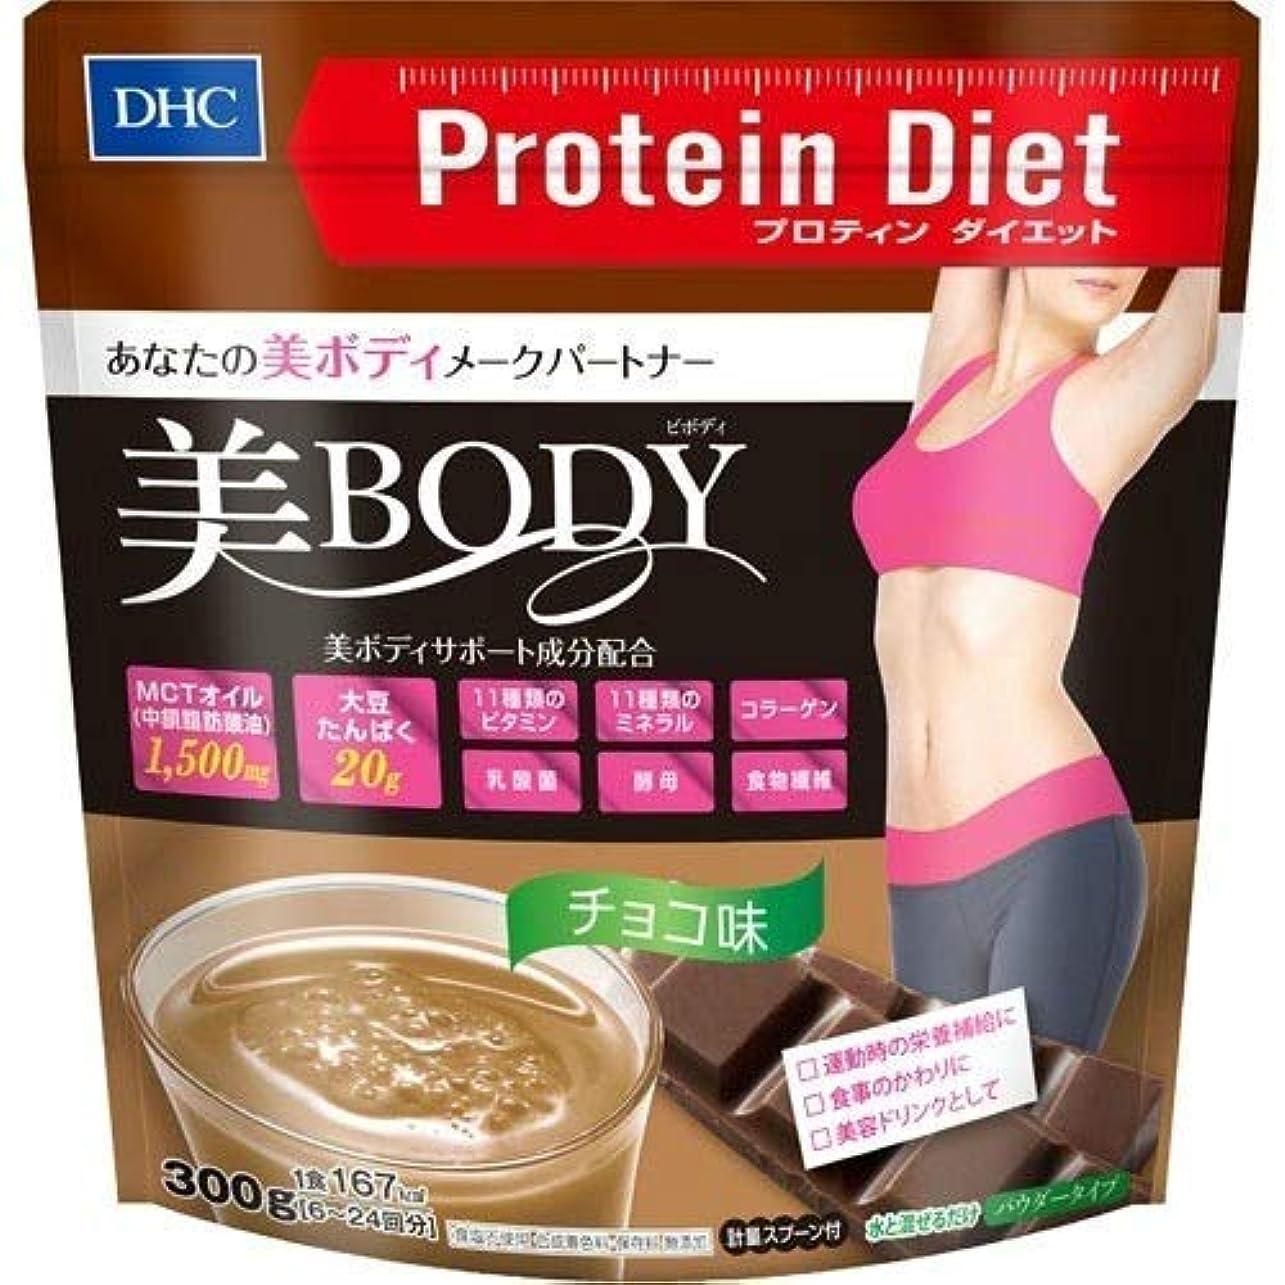 苦しめる害虫社会DHC プロテインダイエット 美Body チョコ味 300g×2個